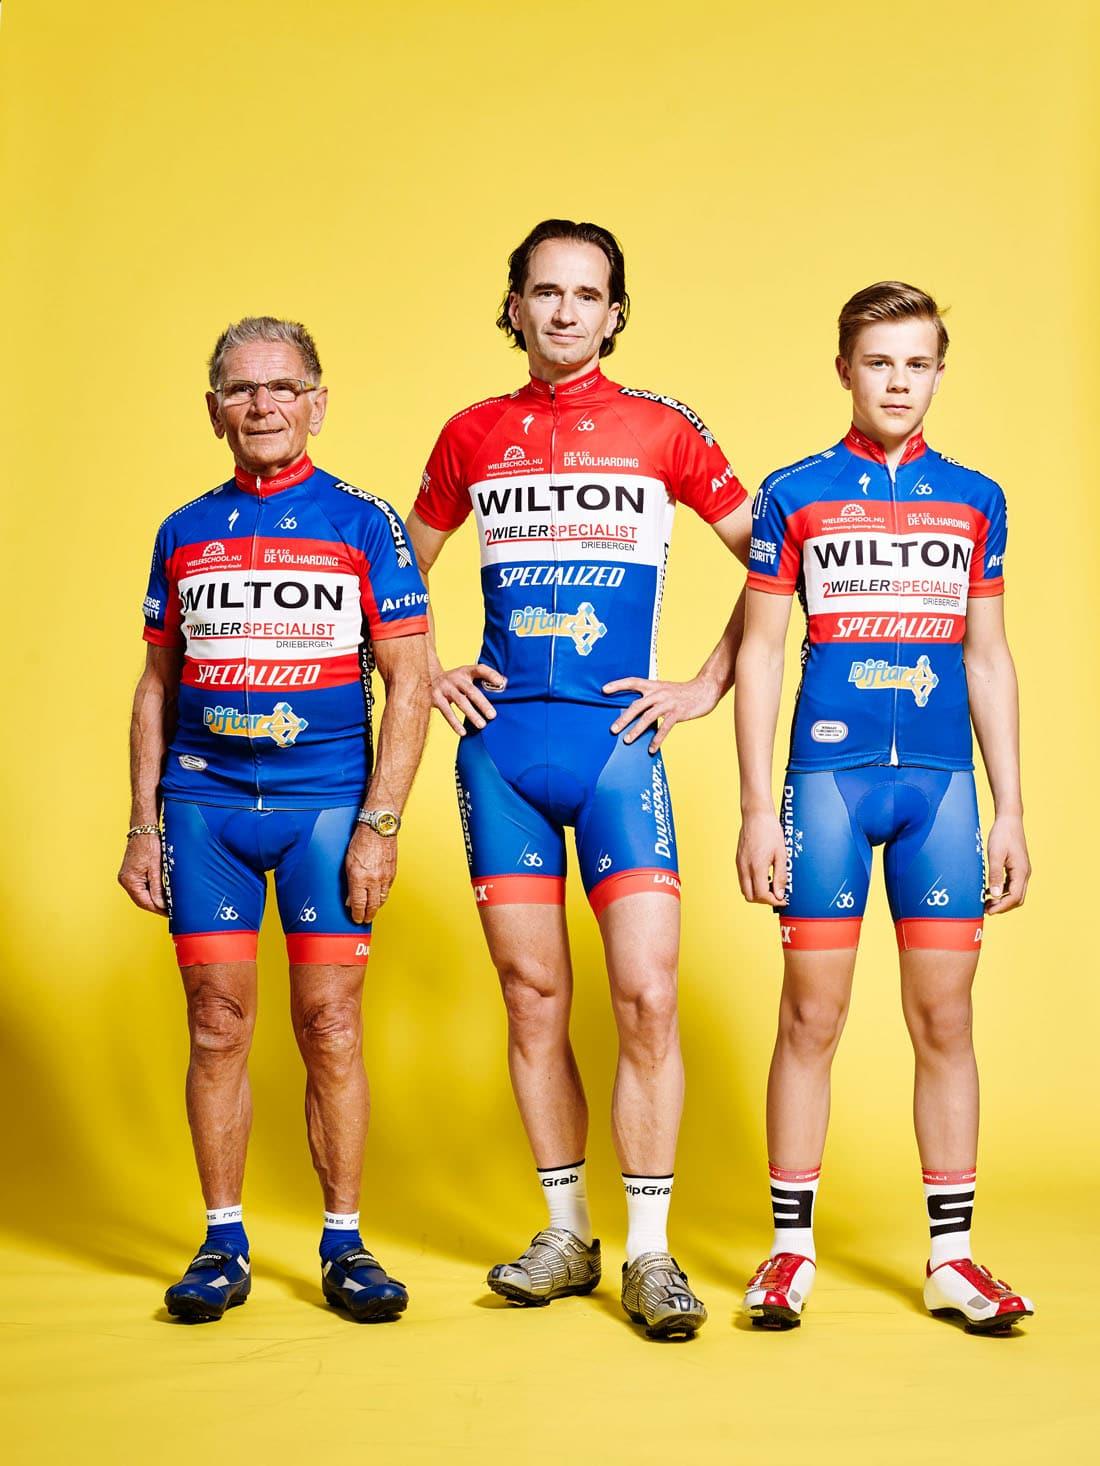 Wielrenners van de Volharding Utrecht Theo Boere (80, Nieuwegein) Allard Epping (42, Utrecht) Casper van Uden (13, Schiedam) PHOTO AND COPYRIGHT ROGER CREMERS